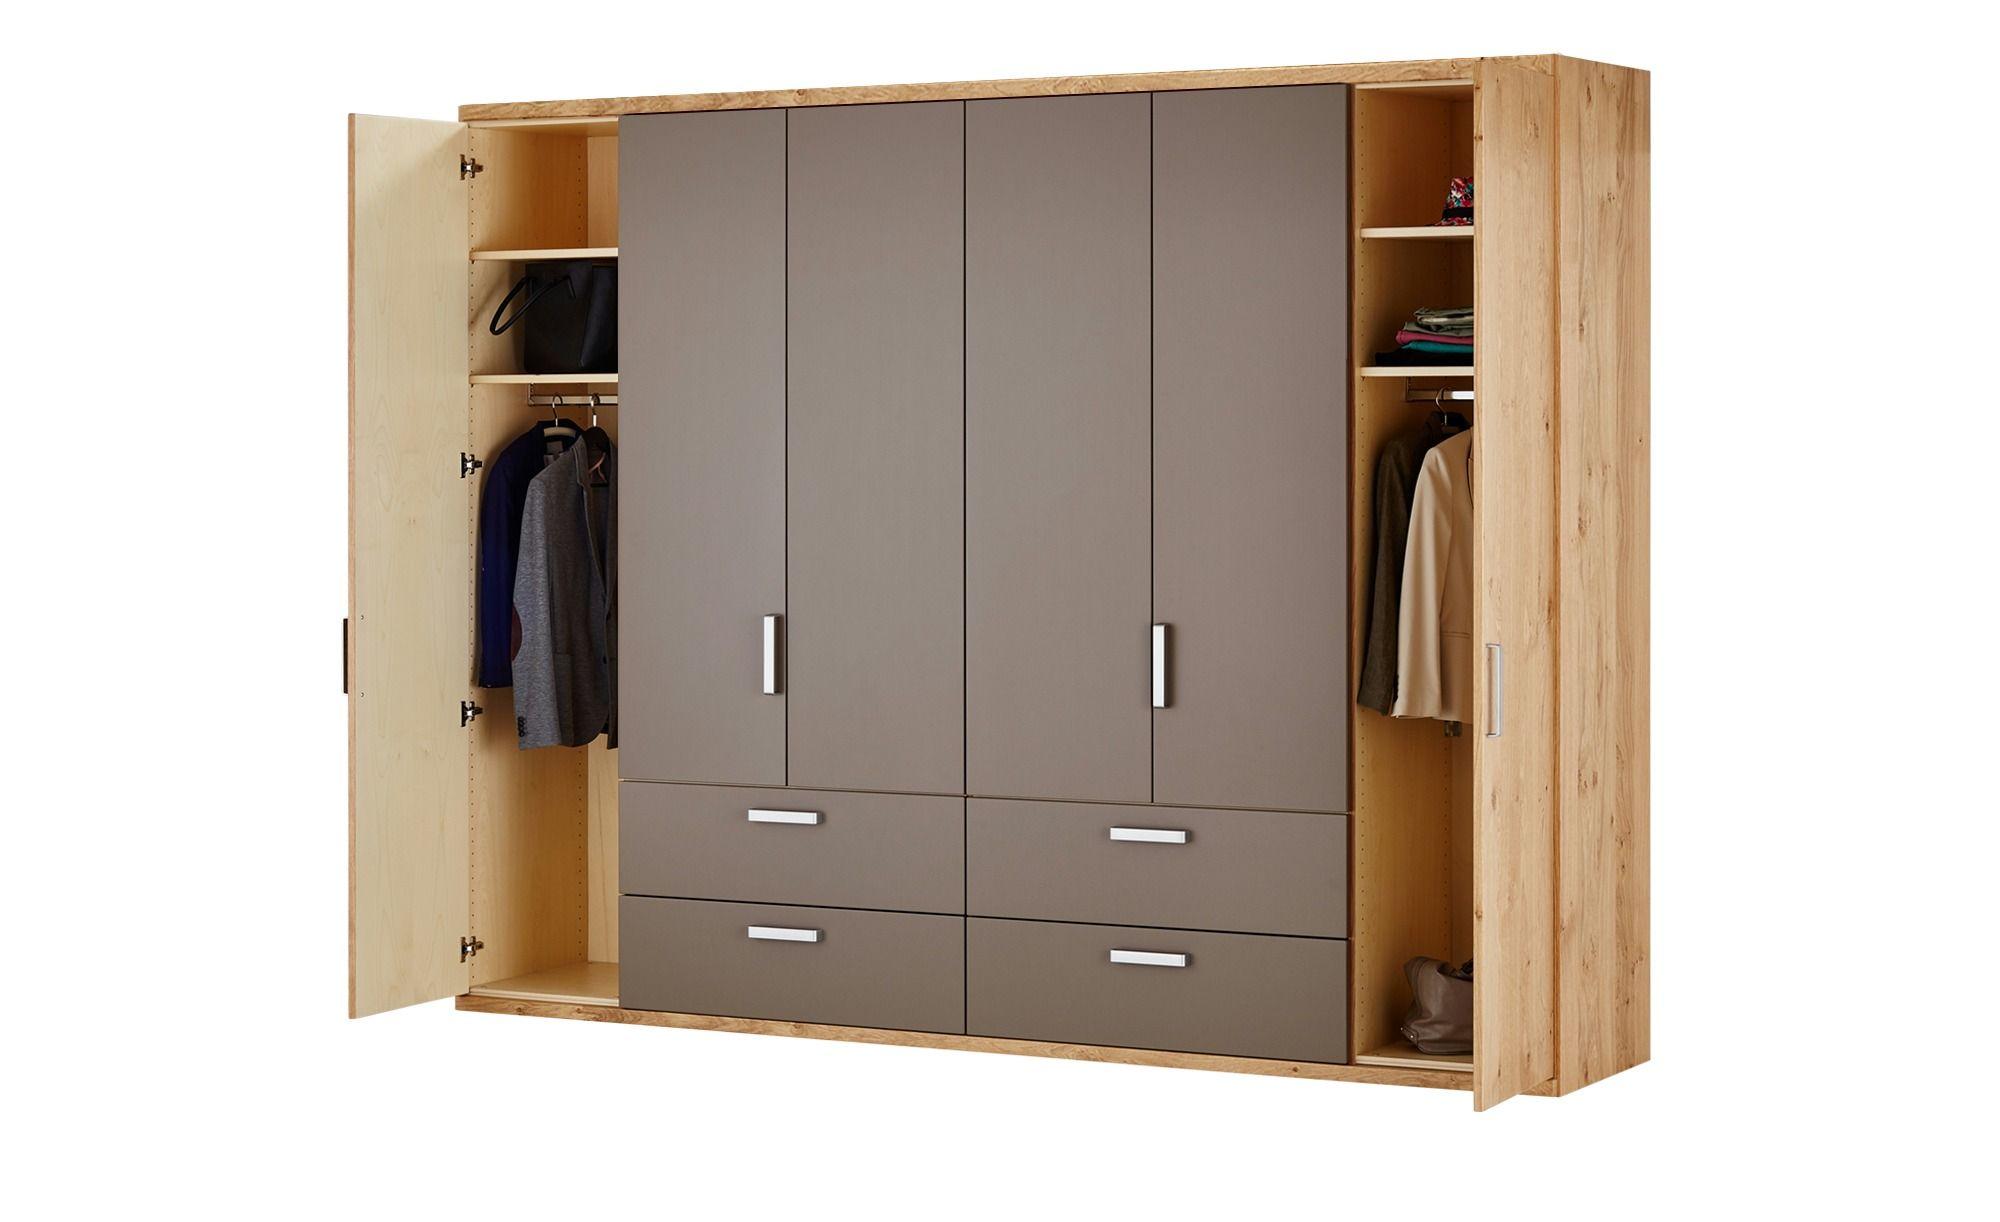 Wohnwert Kleiderschrank Trento, gefunden bei Möbel in 2020   Schließfächer, Kleiderschrank, Schrank